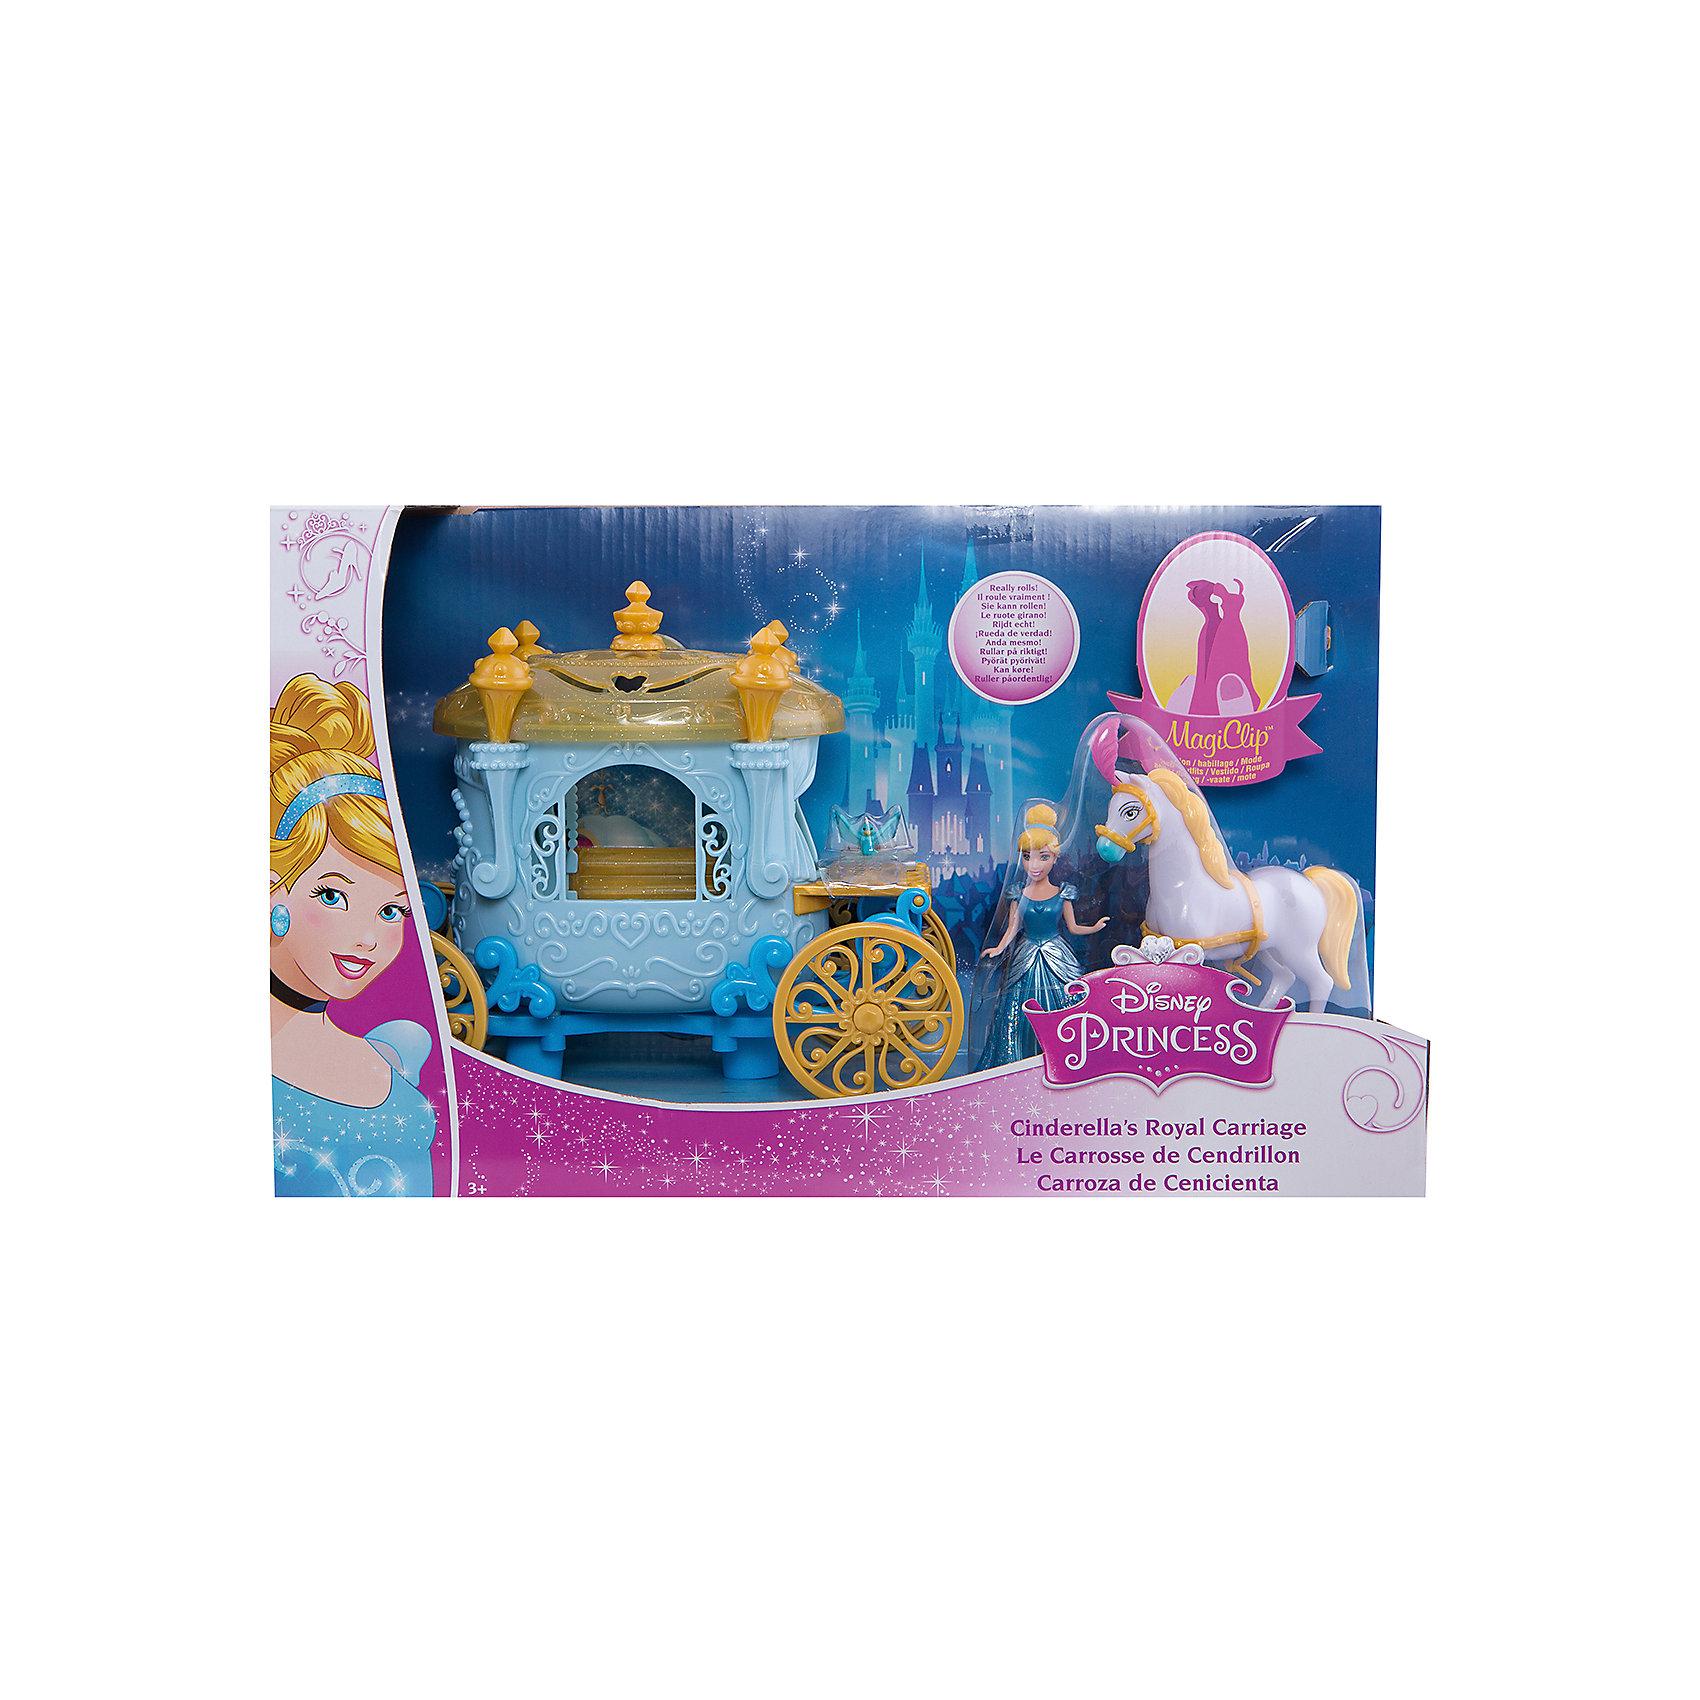 Mattel Кукла Золушка, в наборе с каретой и лошадью, Принцессы Дисней, Mattel mattel принцесса c домиком и аксессуарами принцессы дисней